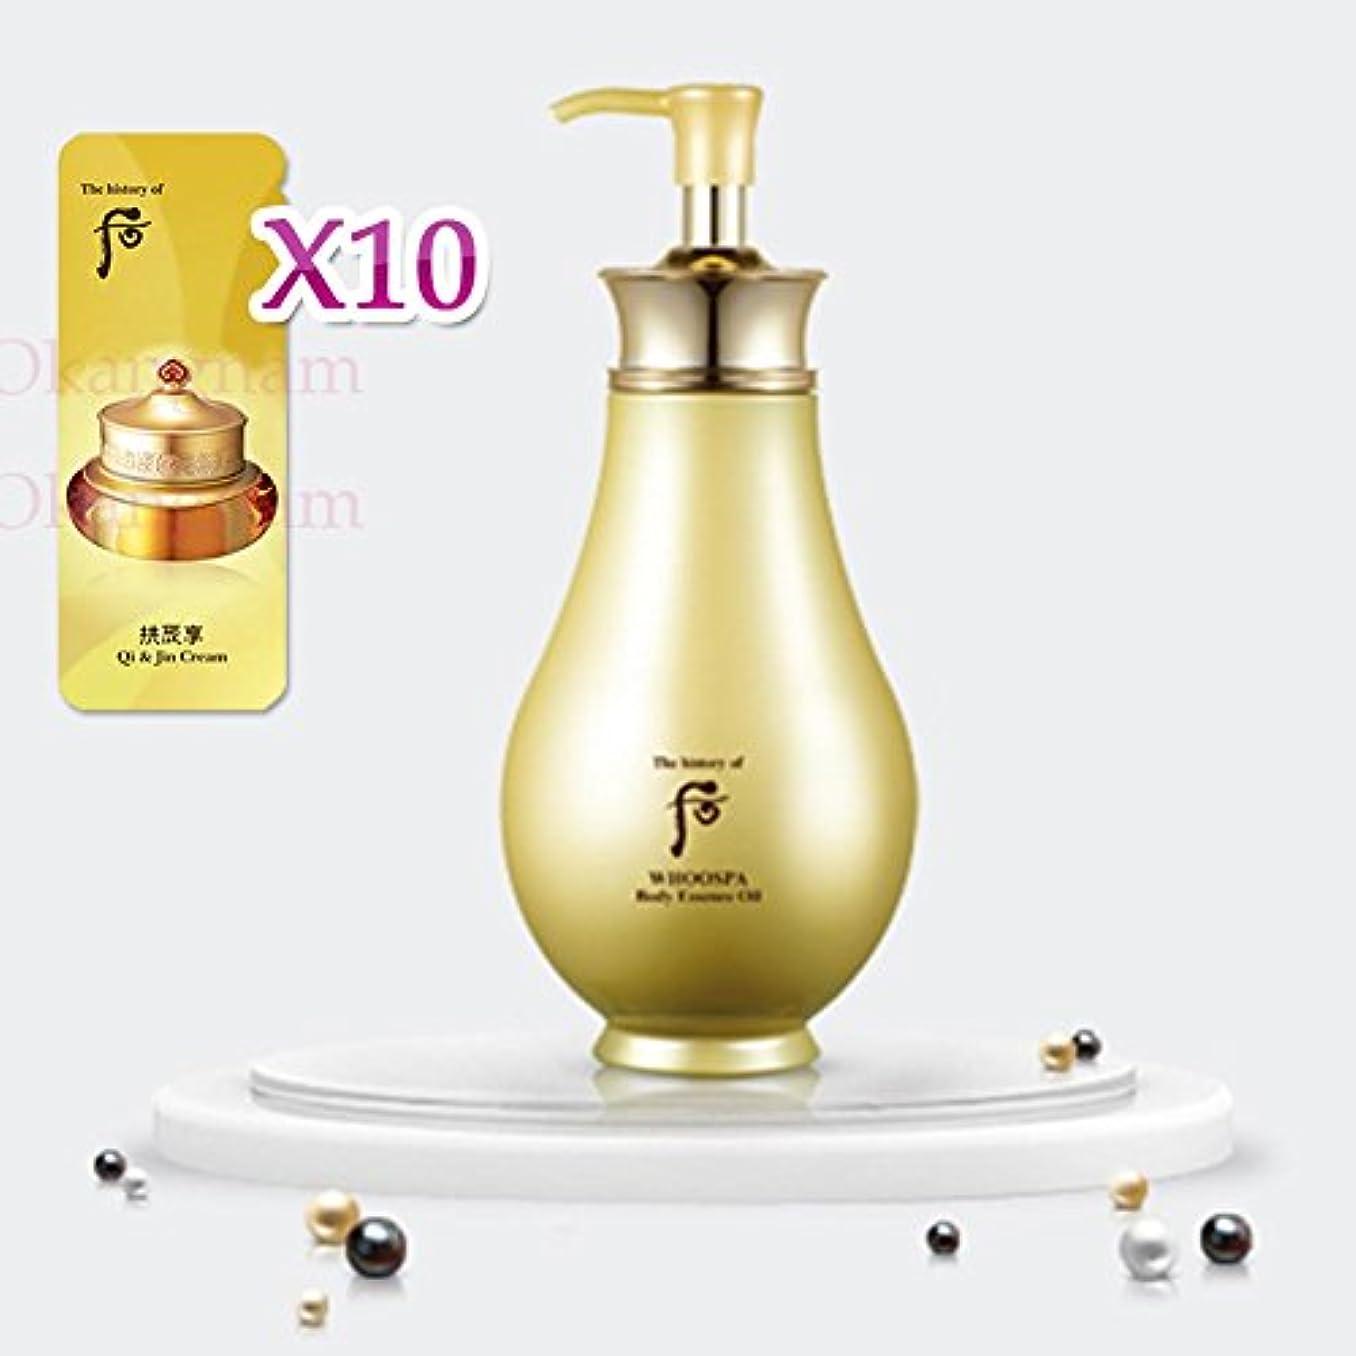 【フー/The history of whoo] Whoo后SPA03 Whoo Spa Body Essence Oil/后(フー)フス派ボディエッセンスオイル + [Sample Gift](海外直送品)